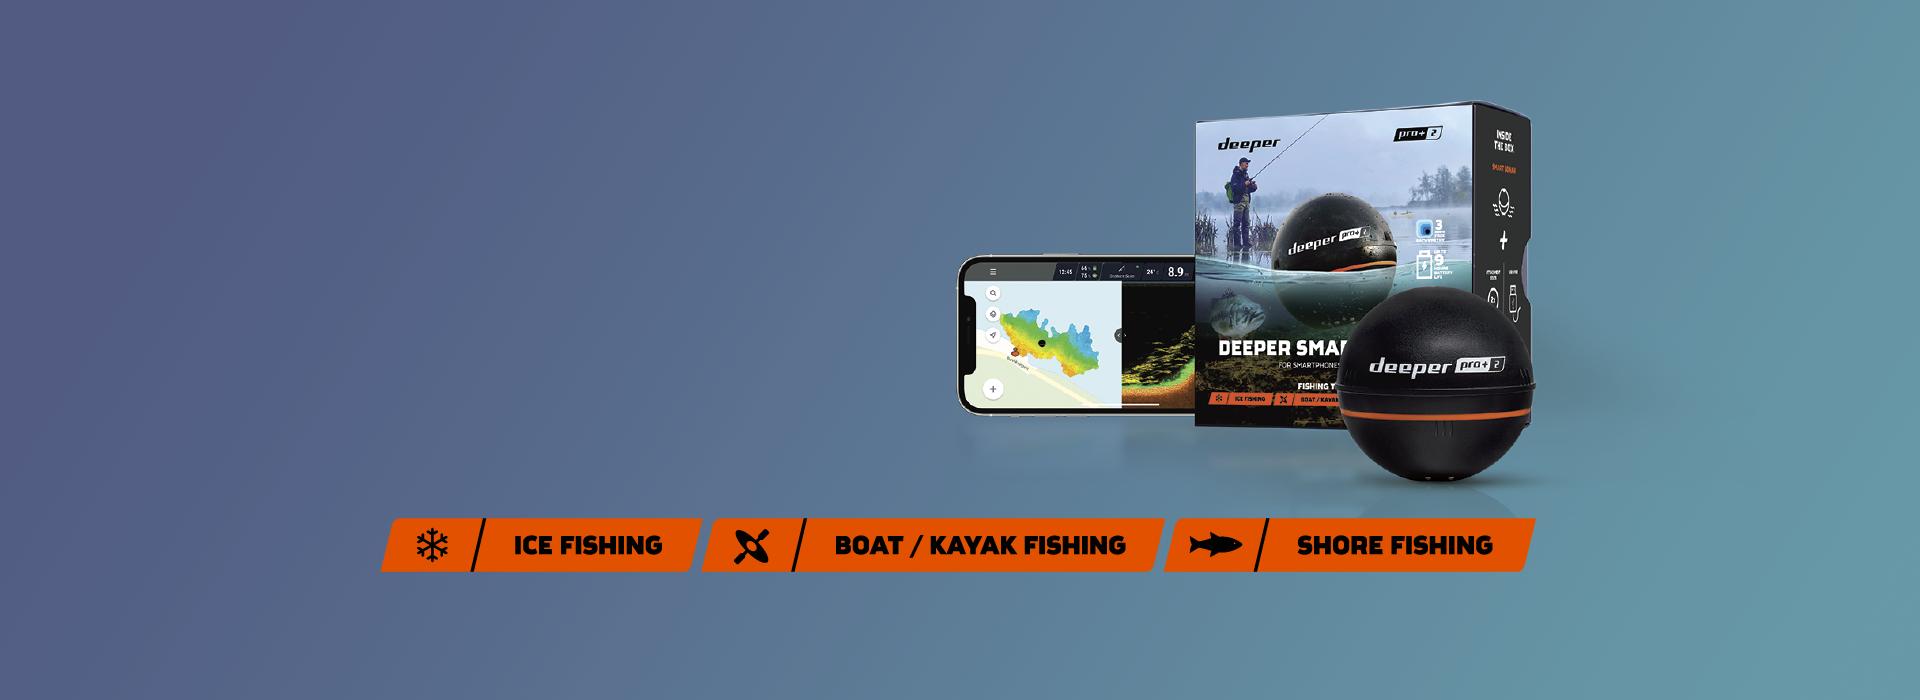 Новий Deeper PRO+ 2!  Вподобаний рибалками усього світу. Оновлений та покращений — тепер іще ефективніший, ніж раніше.